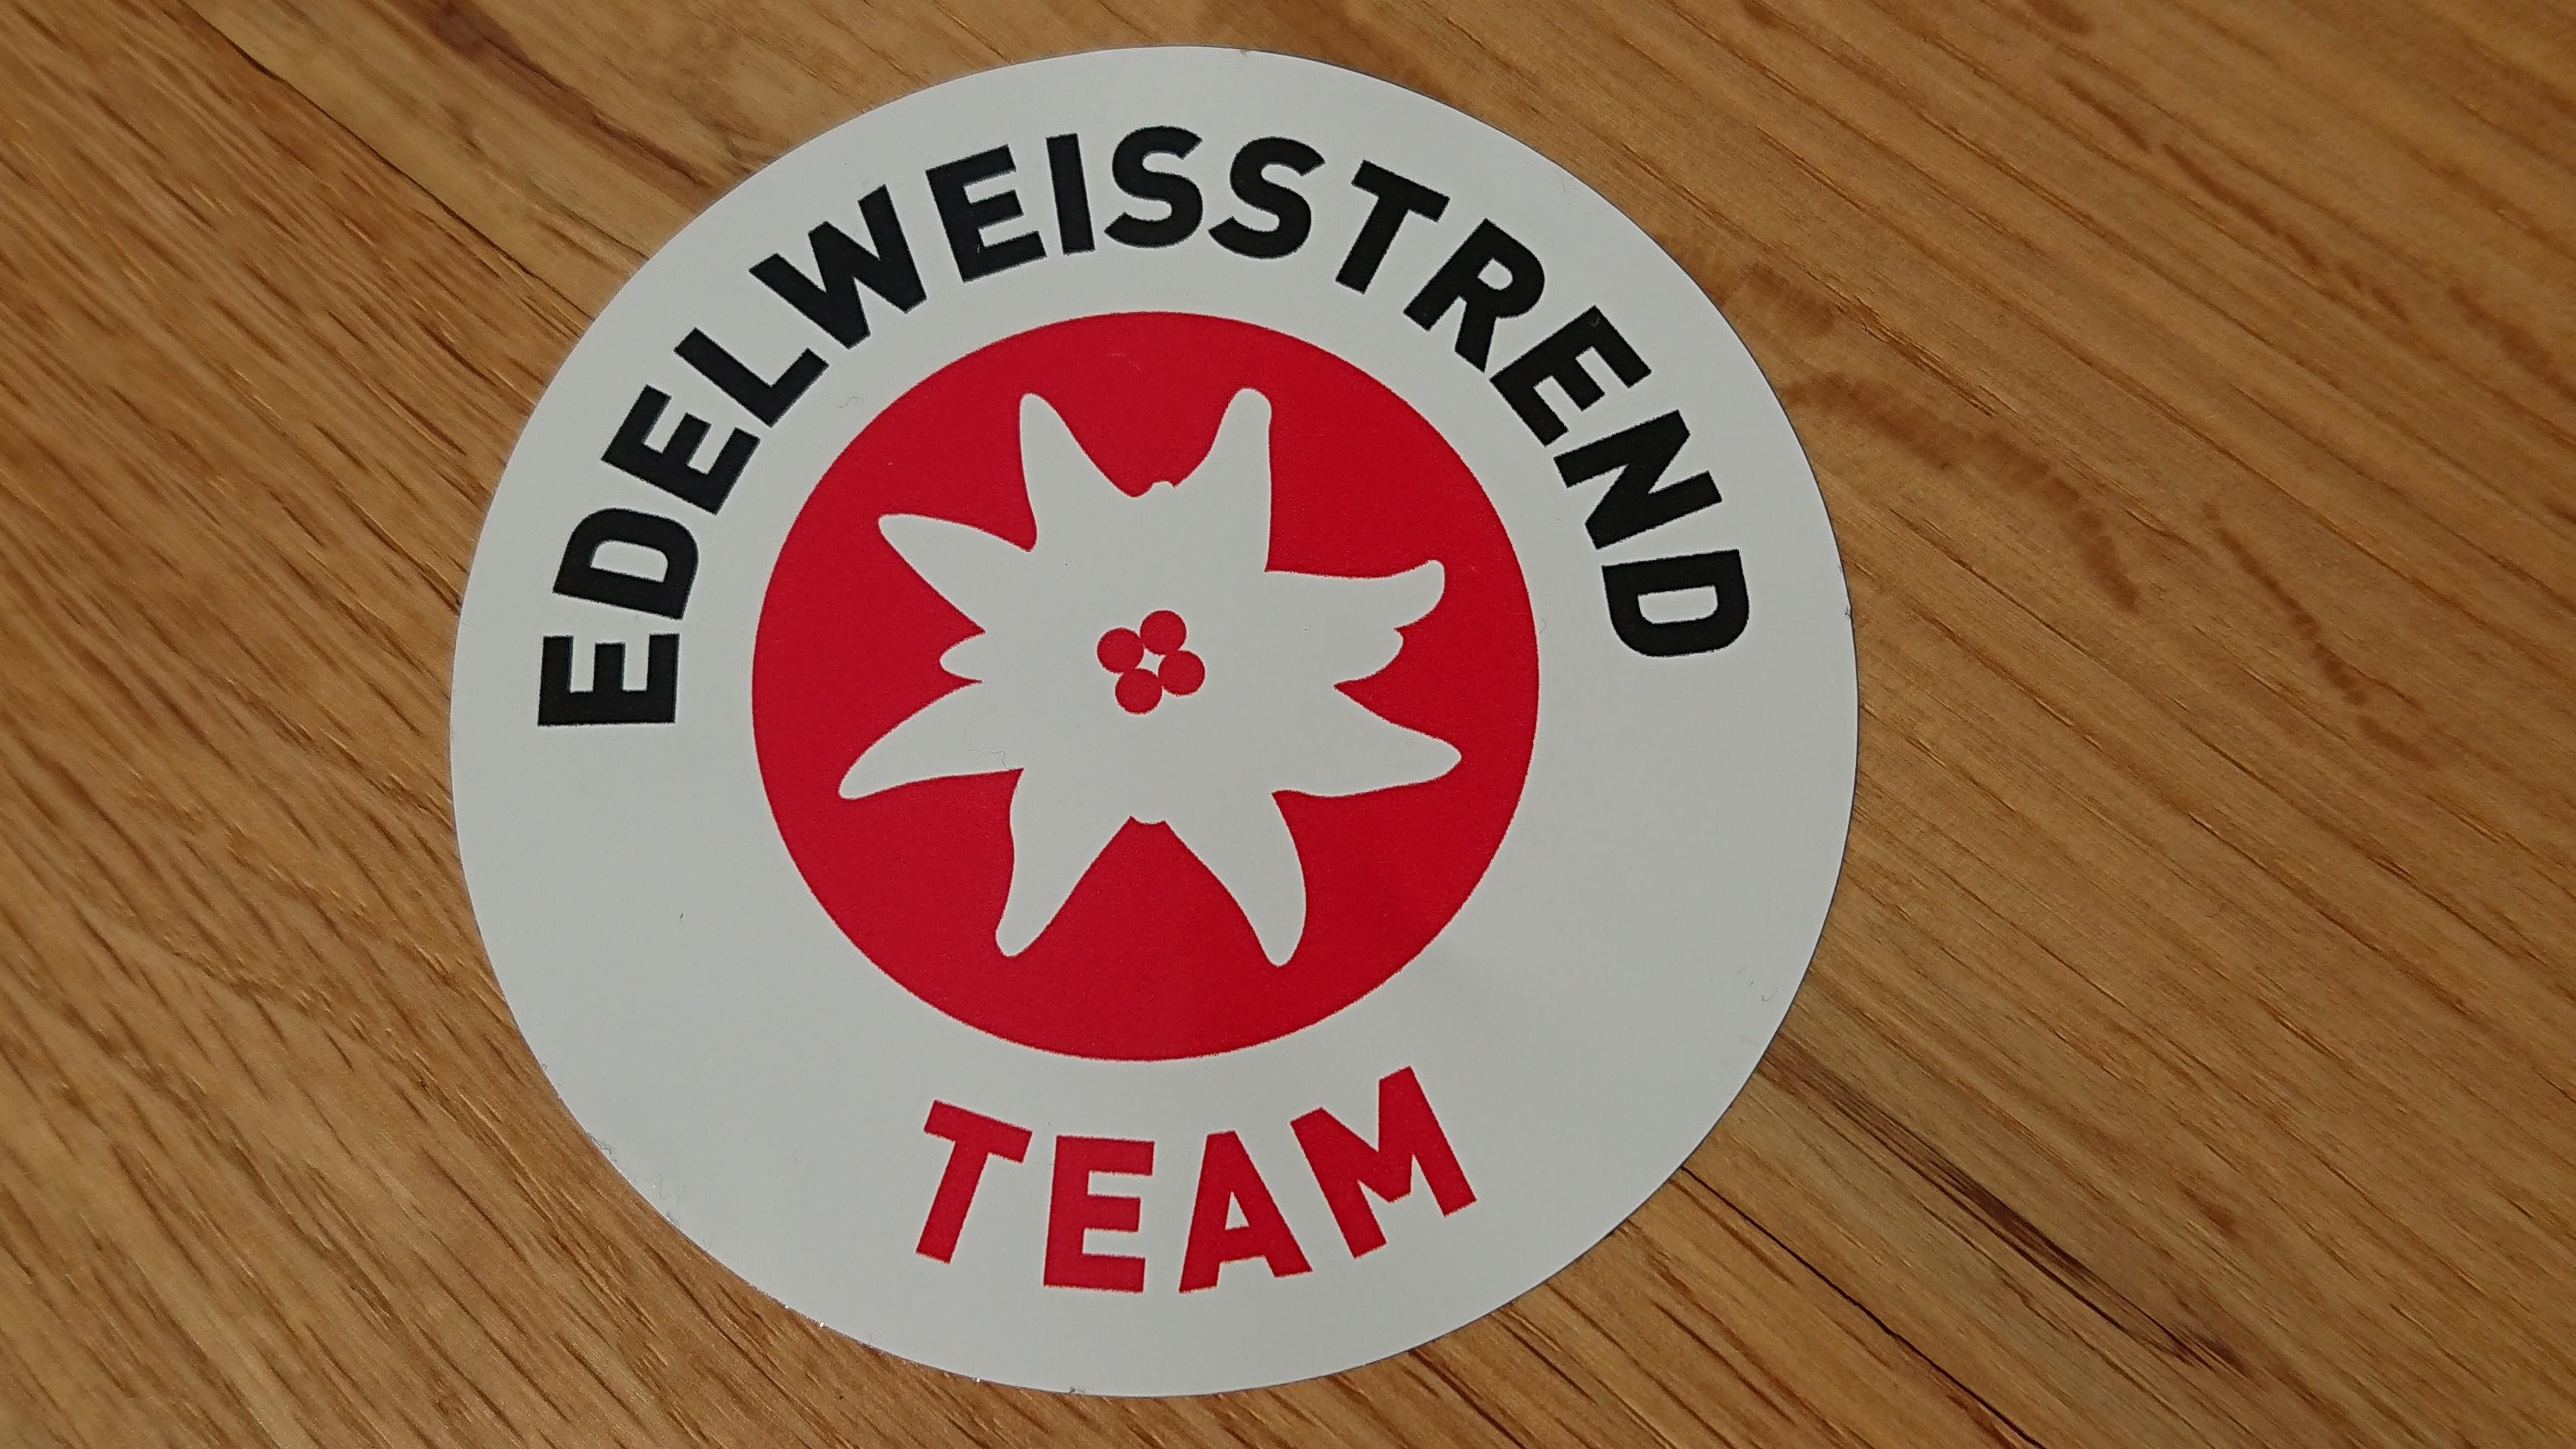 Edelweisstrend